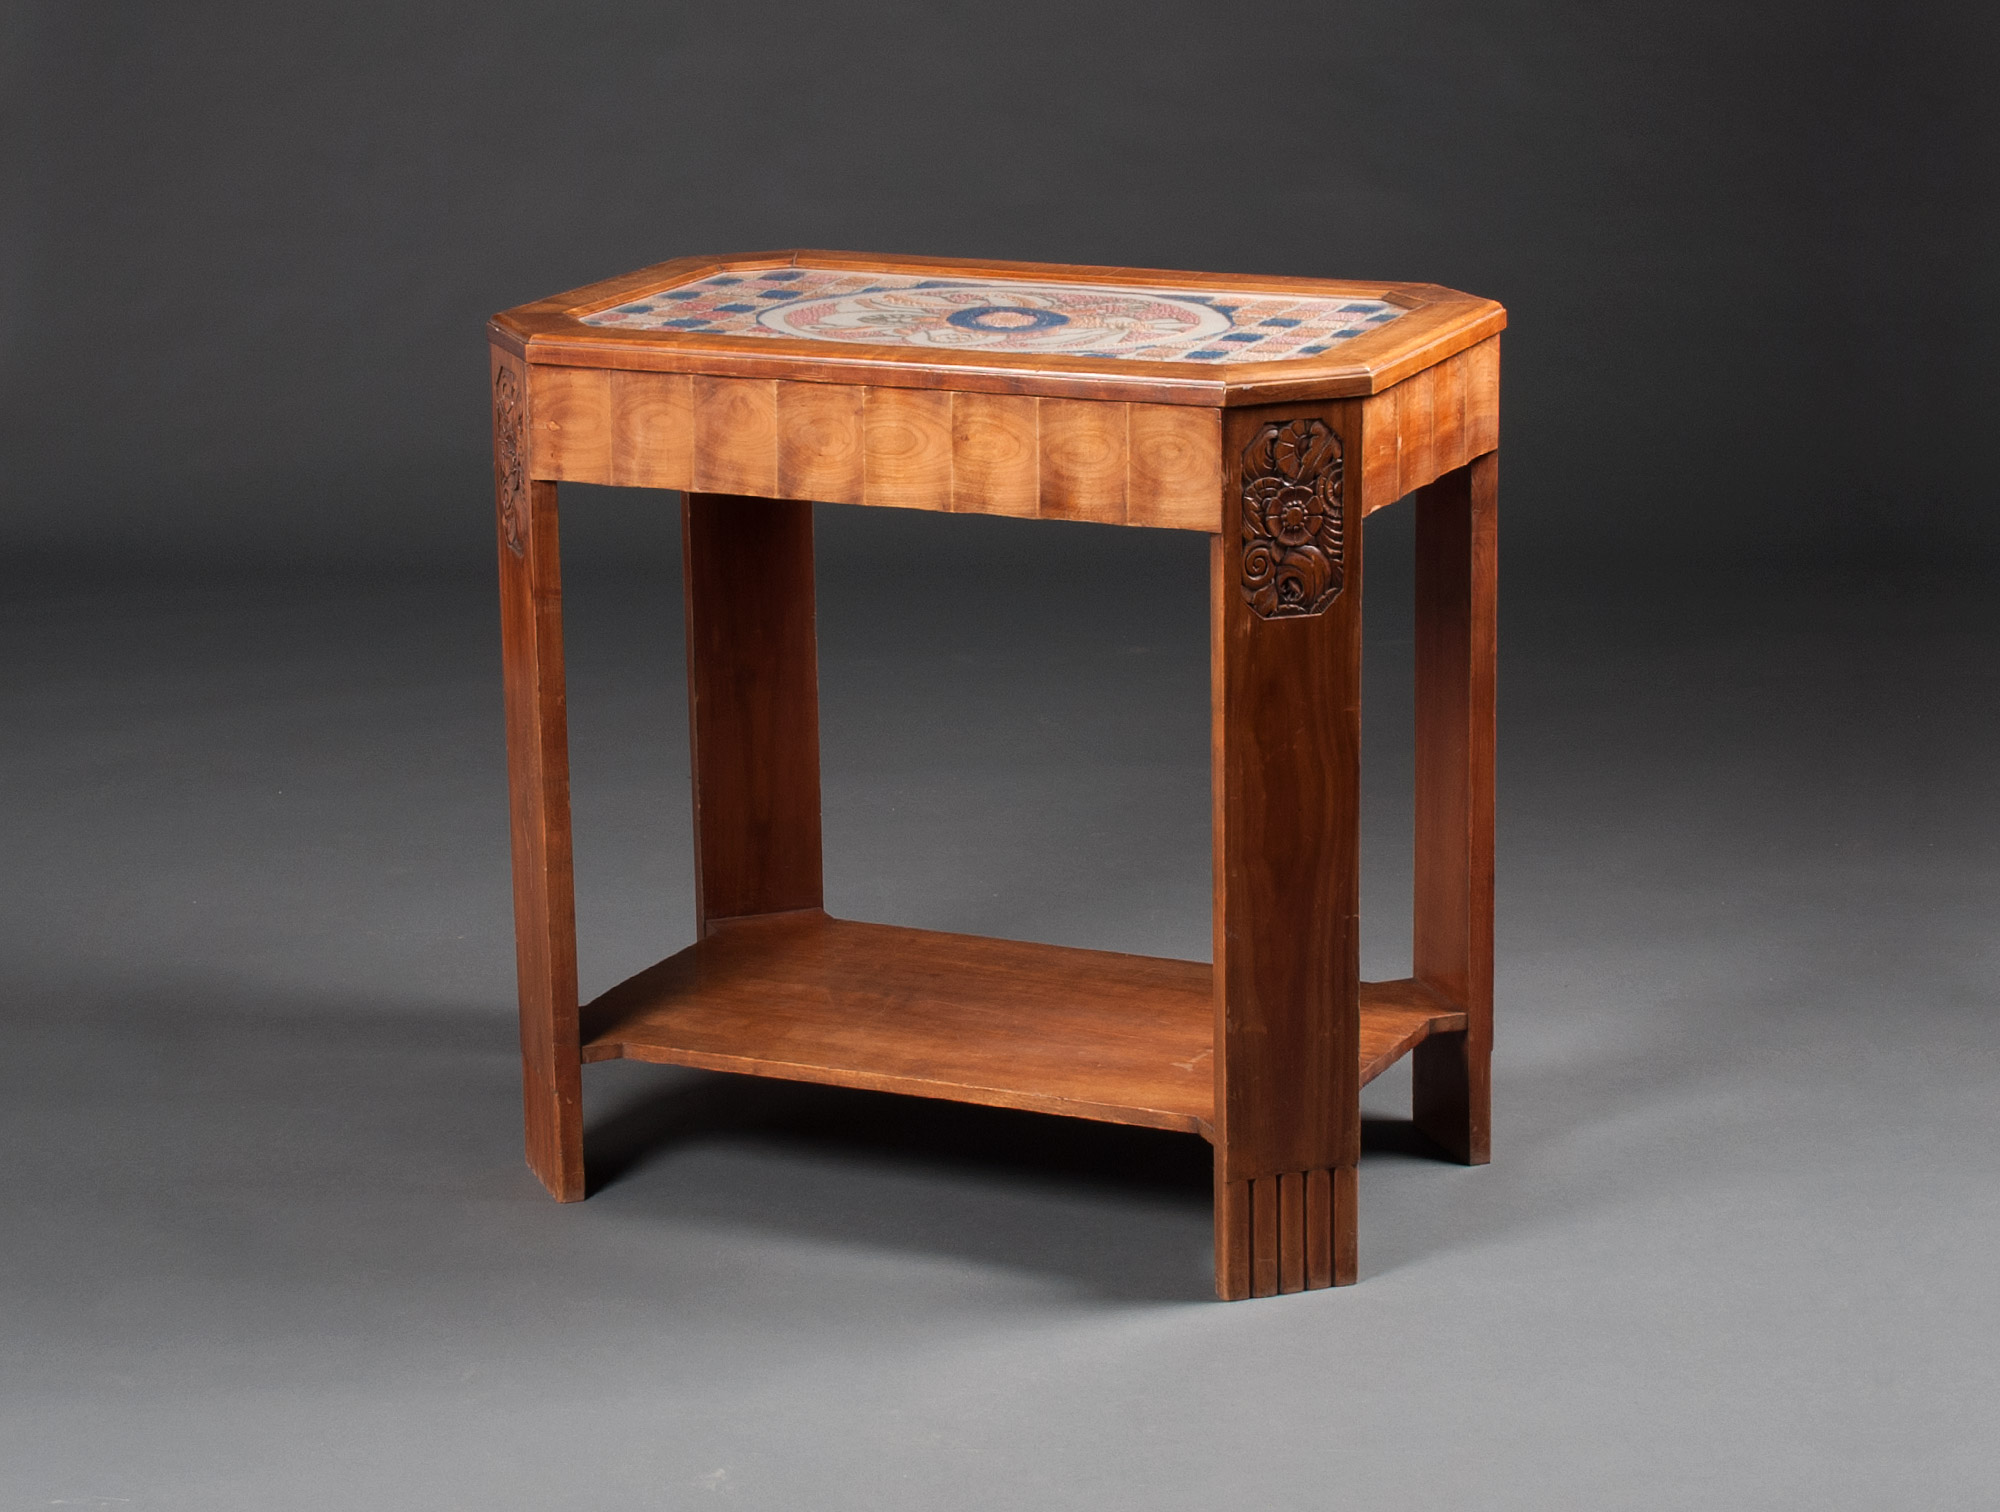 coiffeuse art d co pans coup s soubrier louer tables bureaux coiffeuse art d co. Black Bedroom Furniture Sets. Home Design Ideas